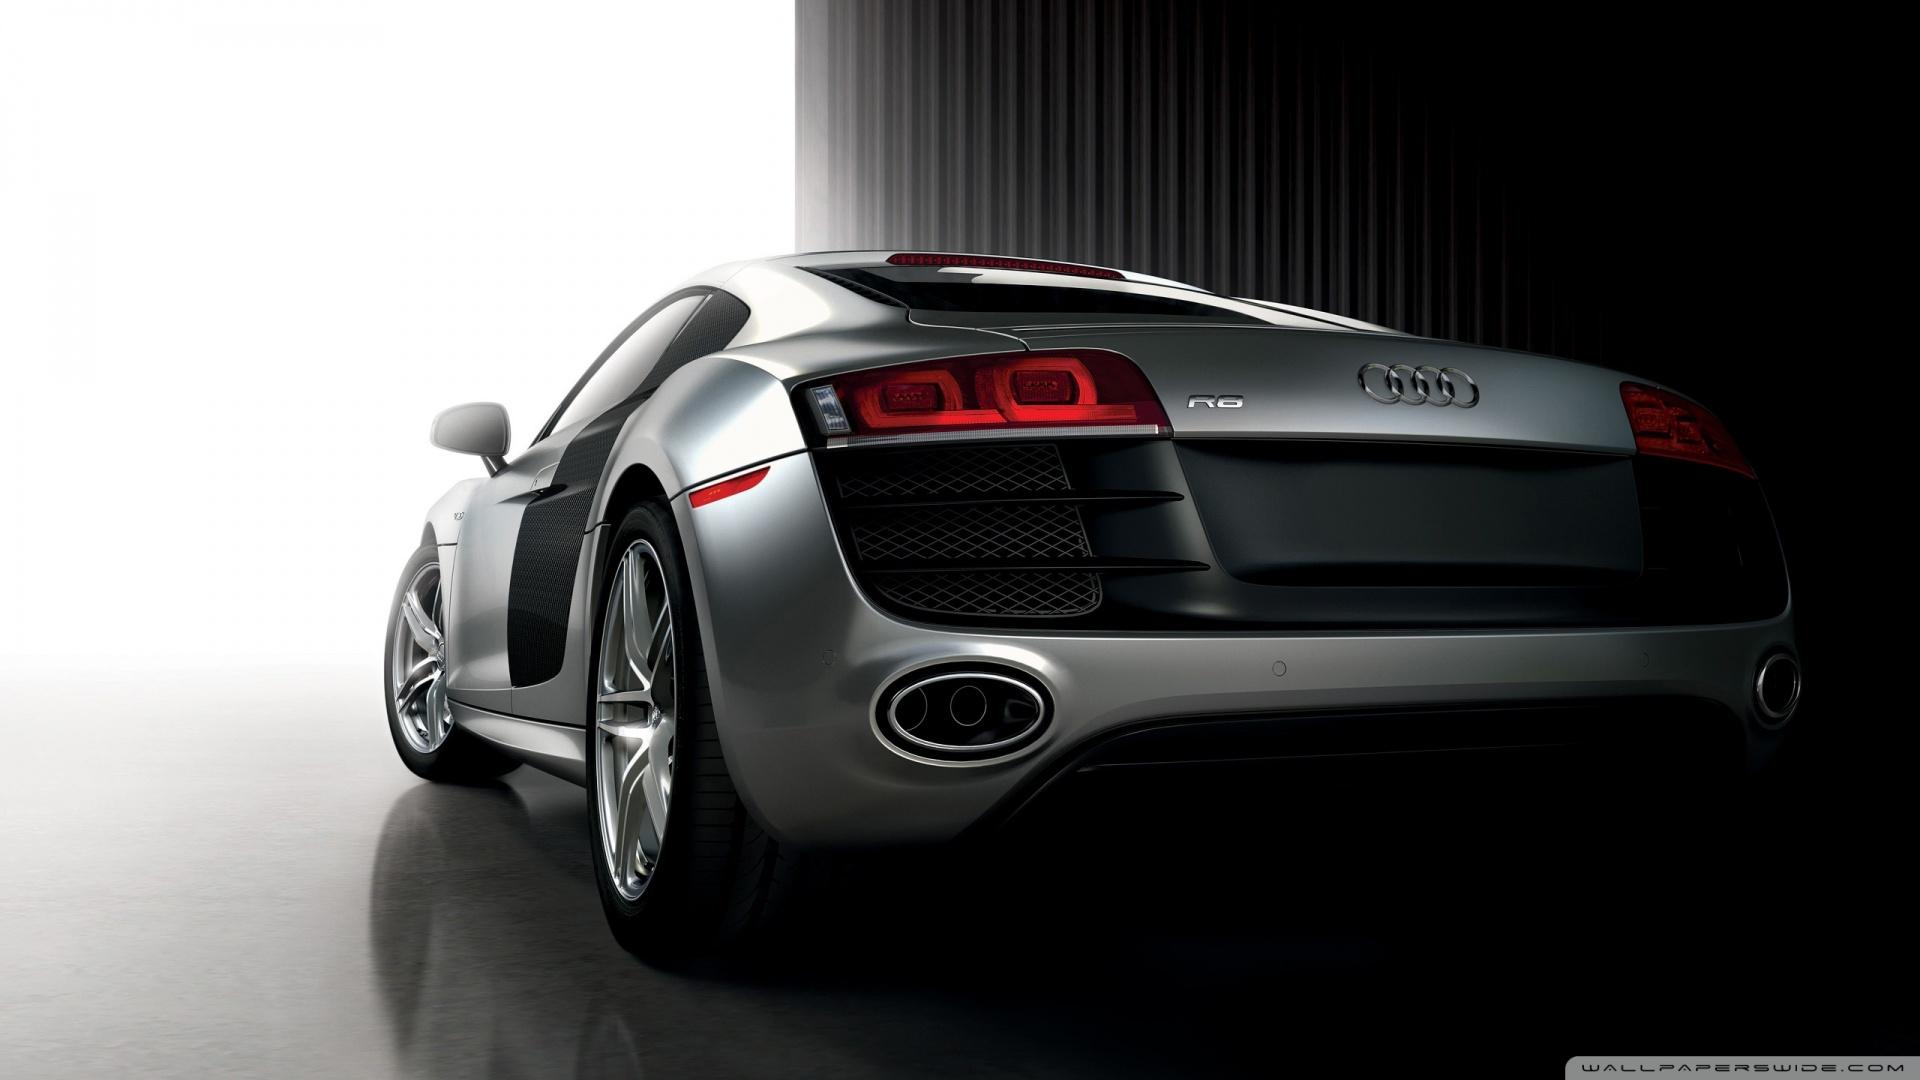 Audi R8 HD desktop wallpaper : Widescreen : High Definition